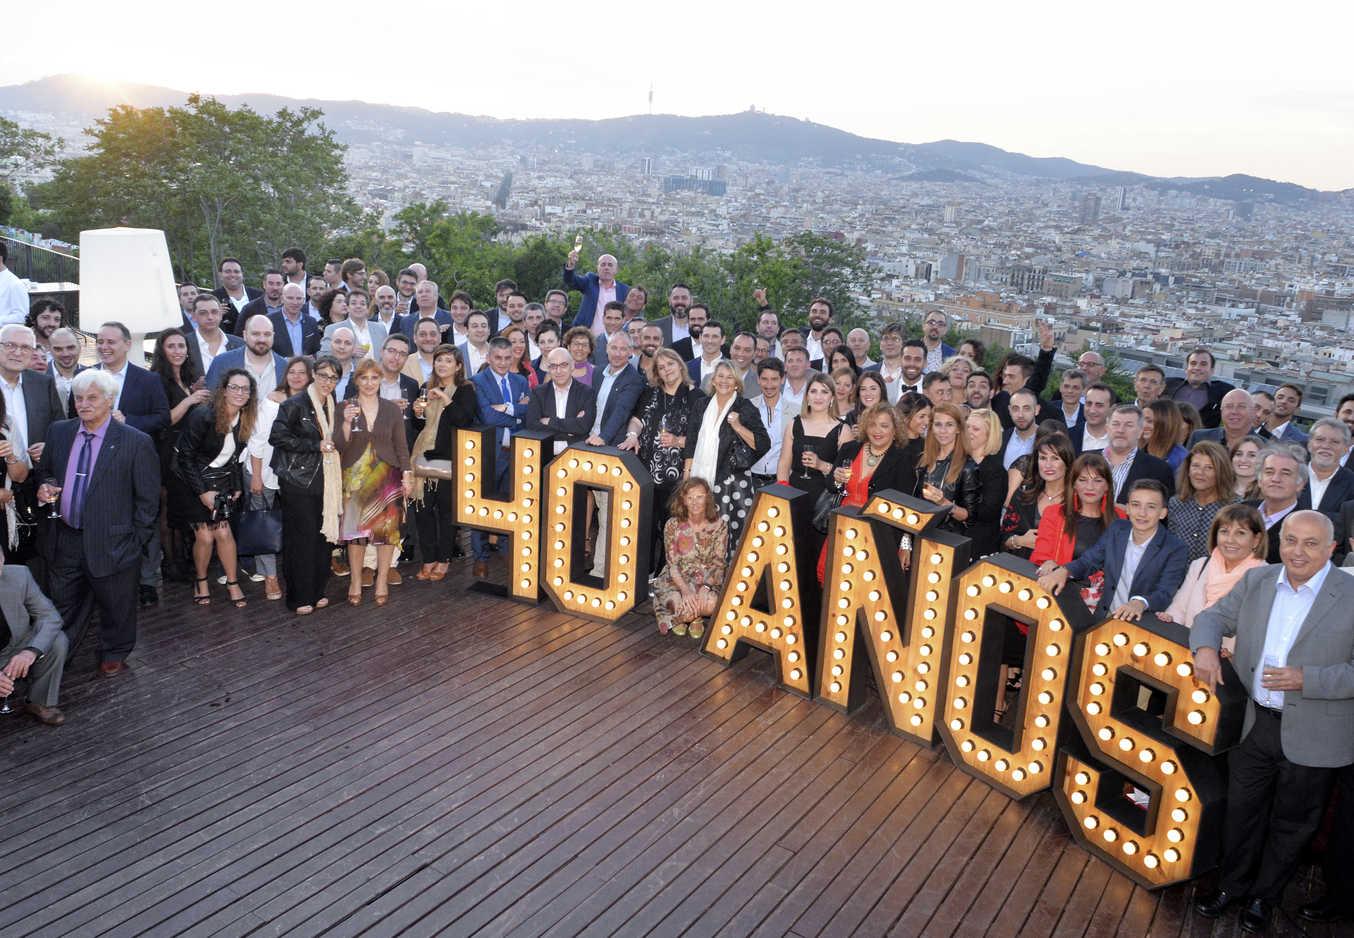 Tempel Group celebra su 40 aniversario con una convención en Barcelona